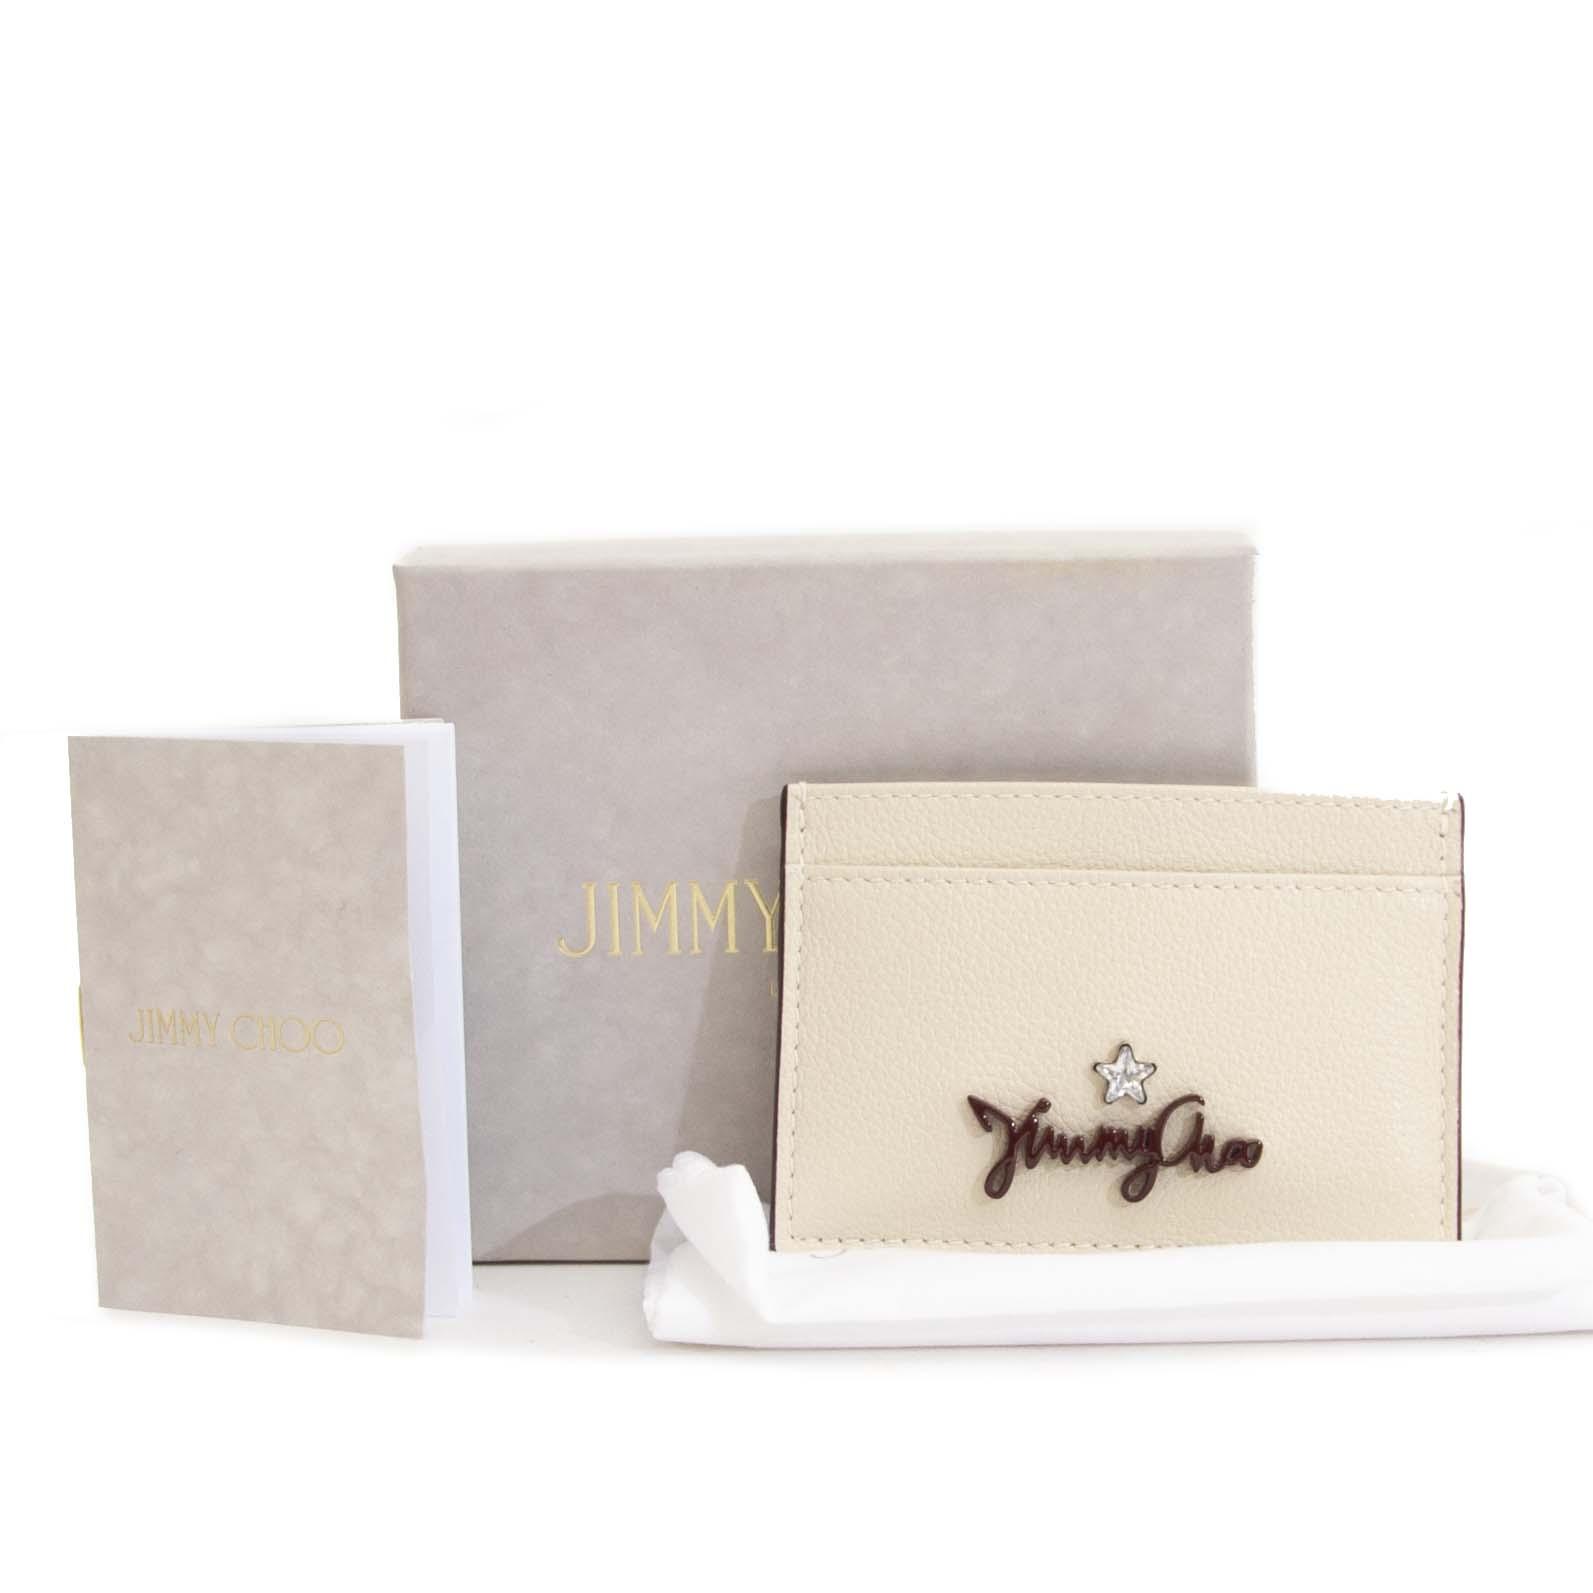 Jimmy Choo Linen Aries Cardholder kopen en verkopen aan de beste prijs